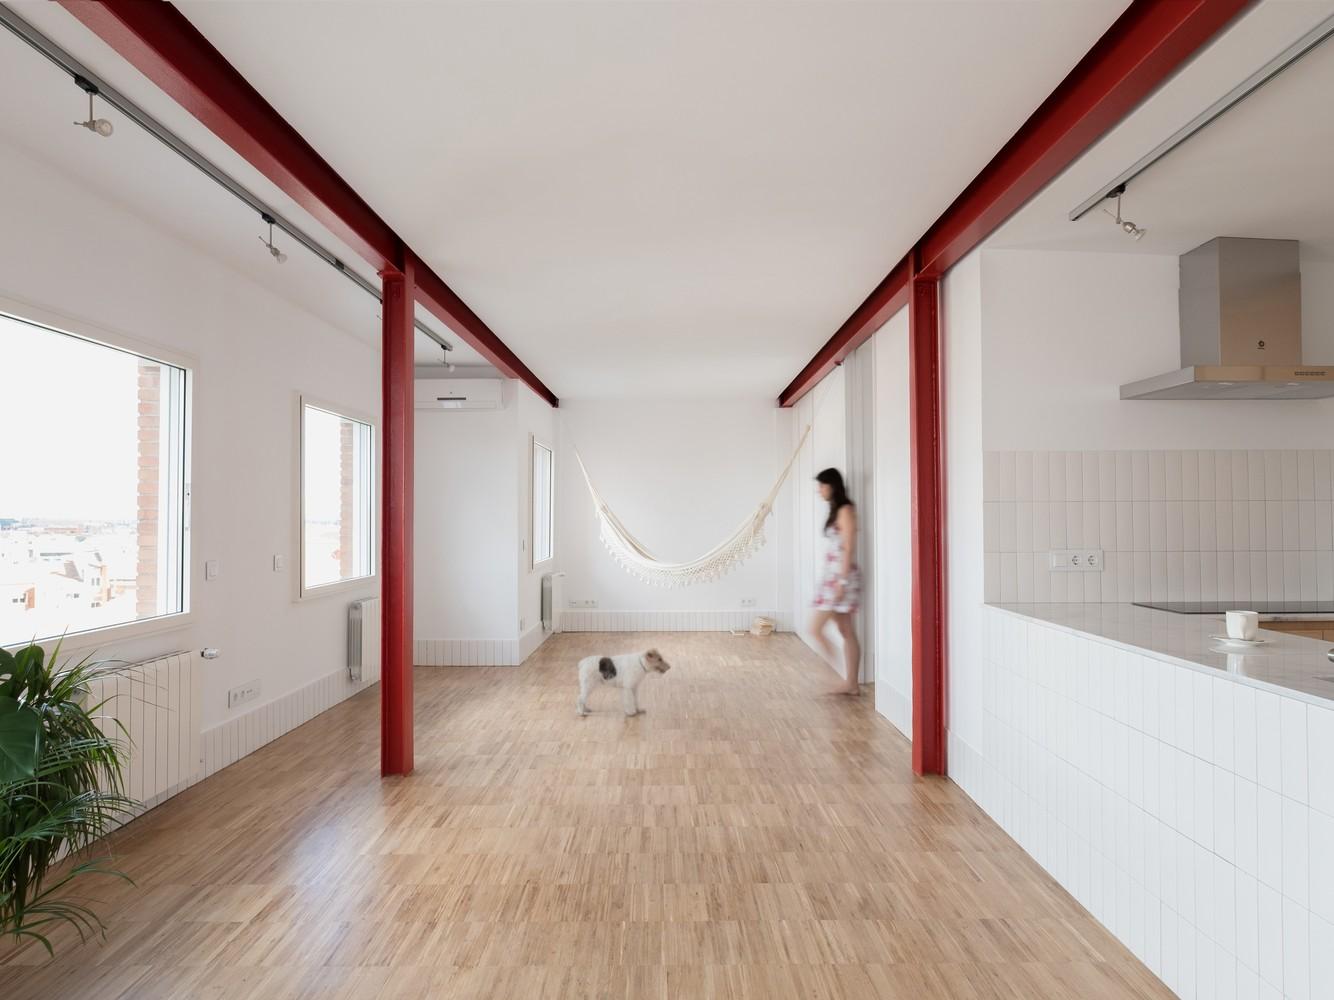 Tendencias en diseño y construcción del 2020: Lo recurrente, popular, relevante y sustancial,PR9 Housing Reform / La Troupe. Image © Jorge López Sacristán